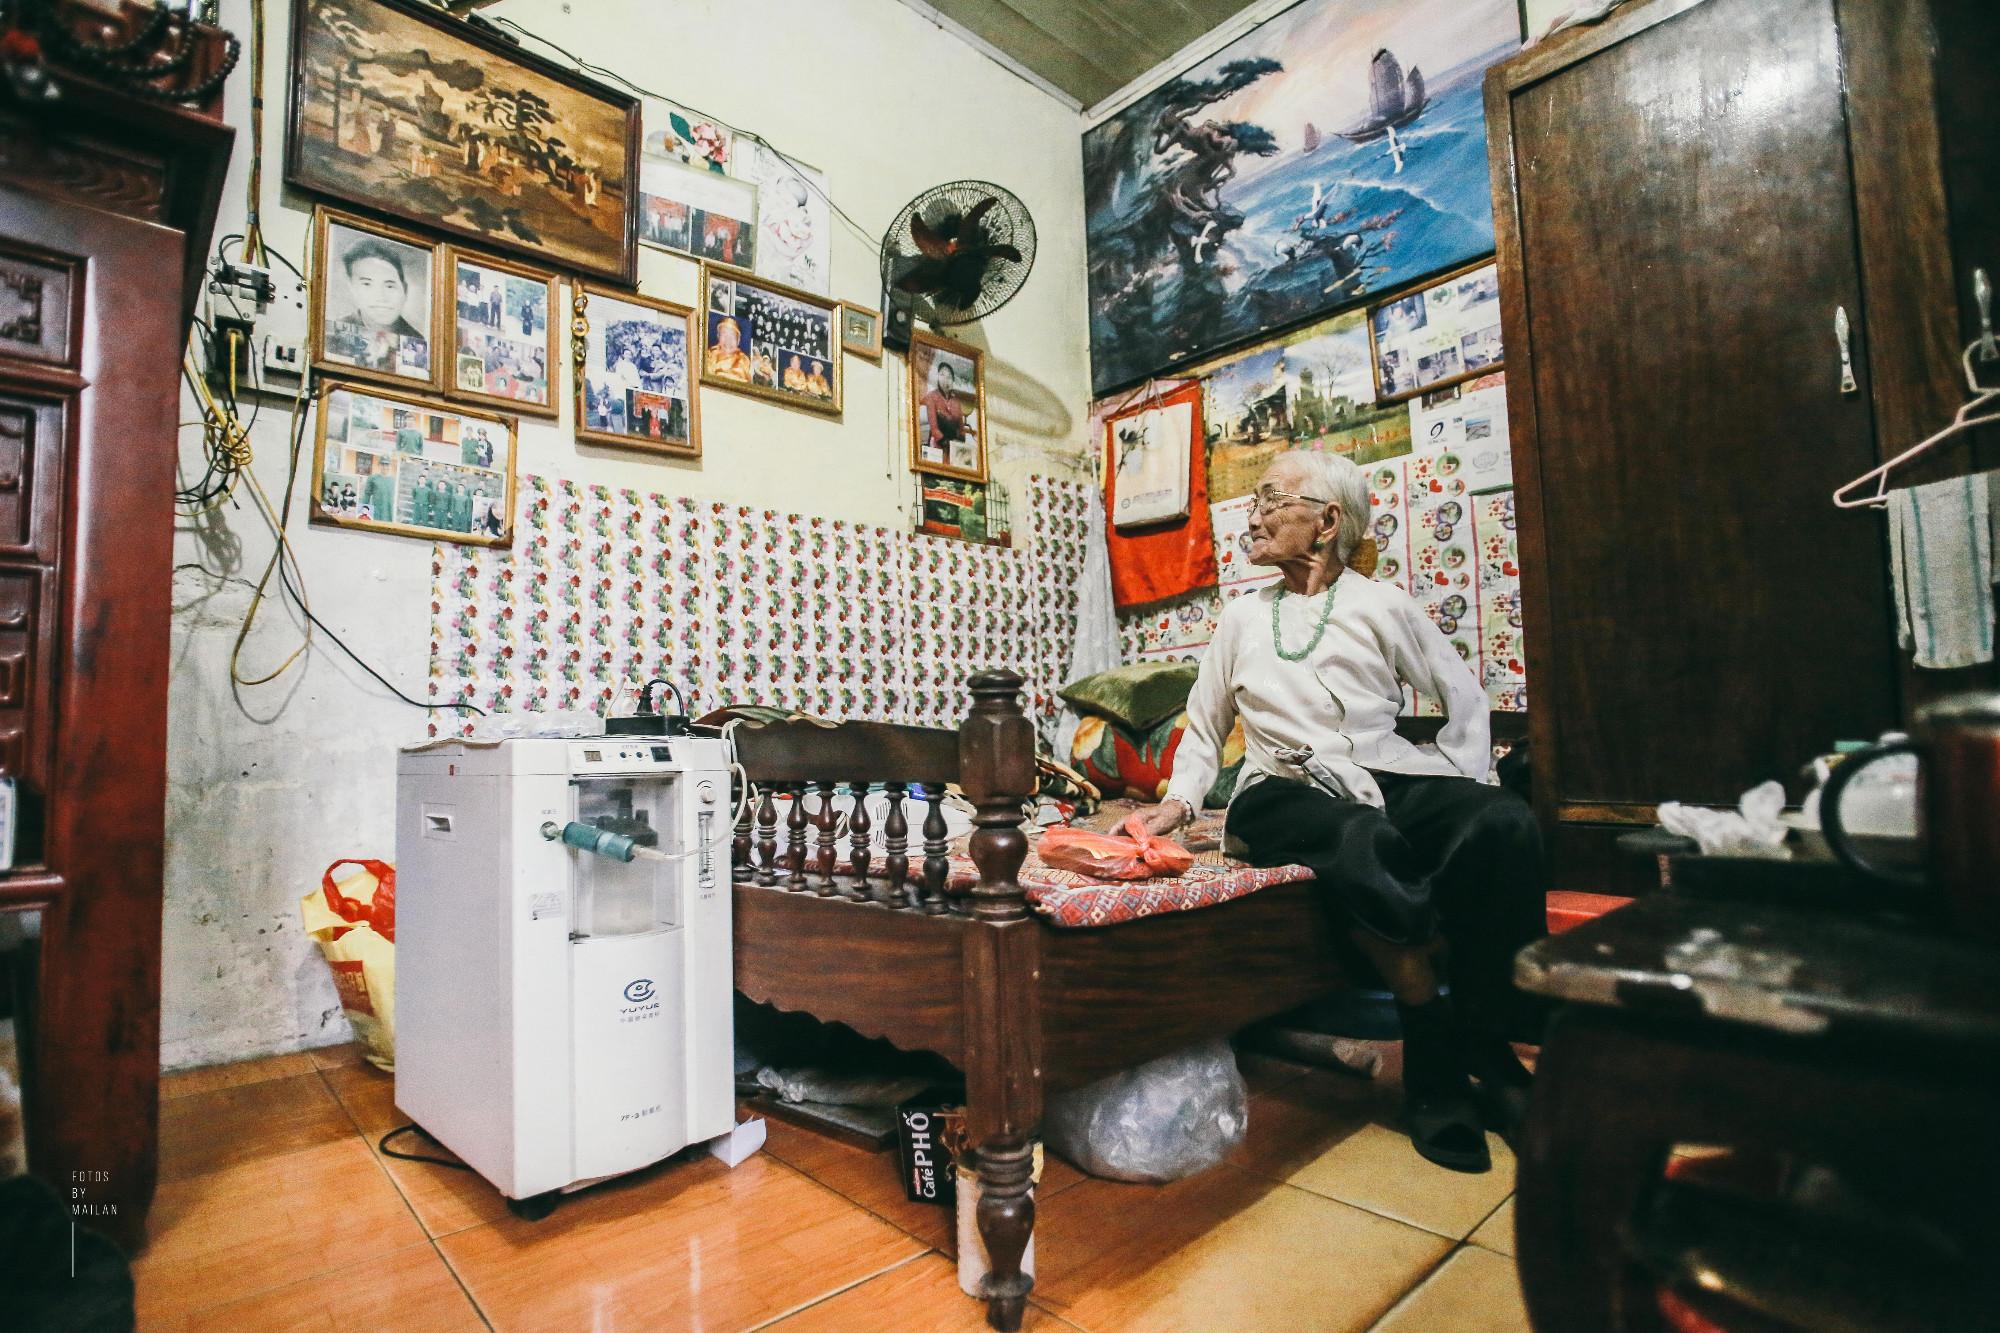 Bài học tình yêu từ cụ bà 94 tuổi, chờ chồng 50 năm mà vẫn mỉm cười khi chồng trở về với người vợ mới - Ảnh 7.